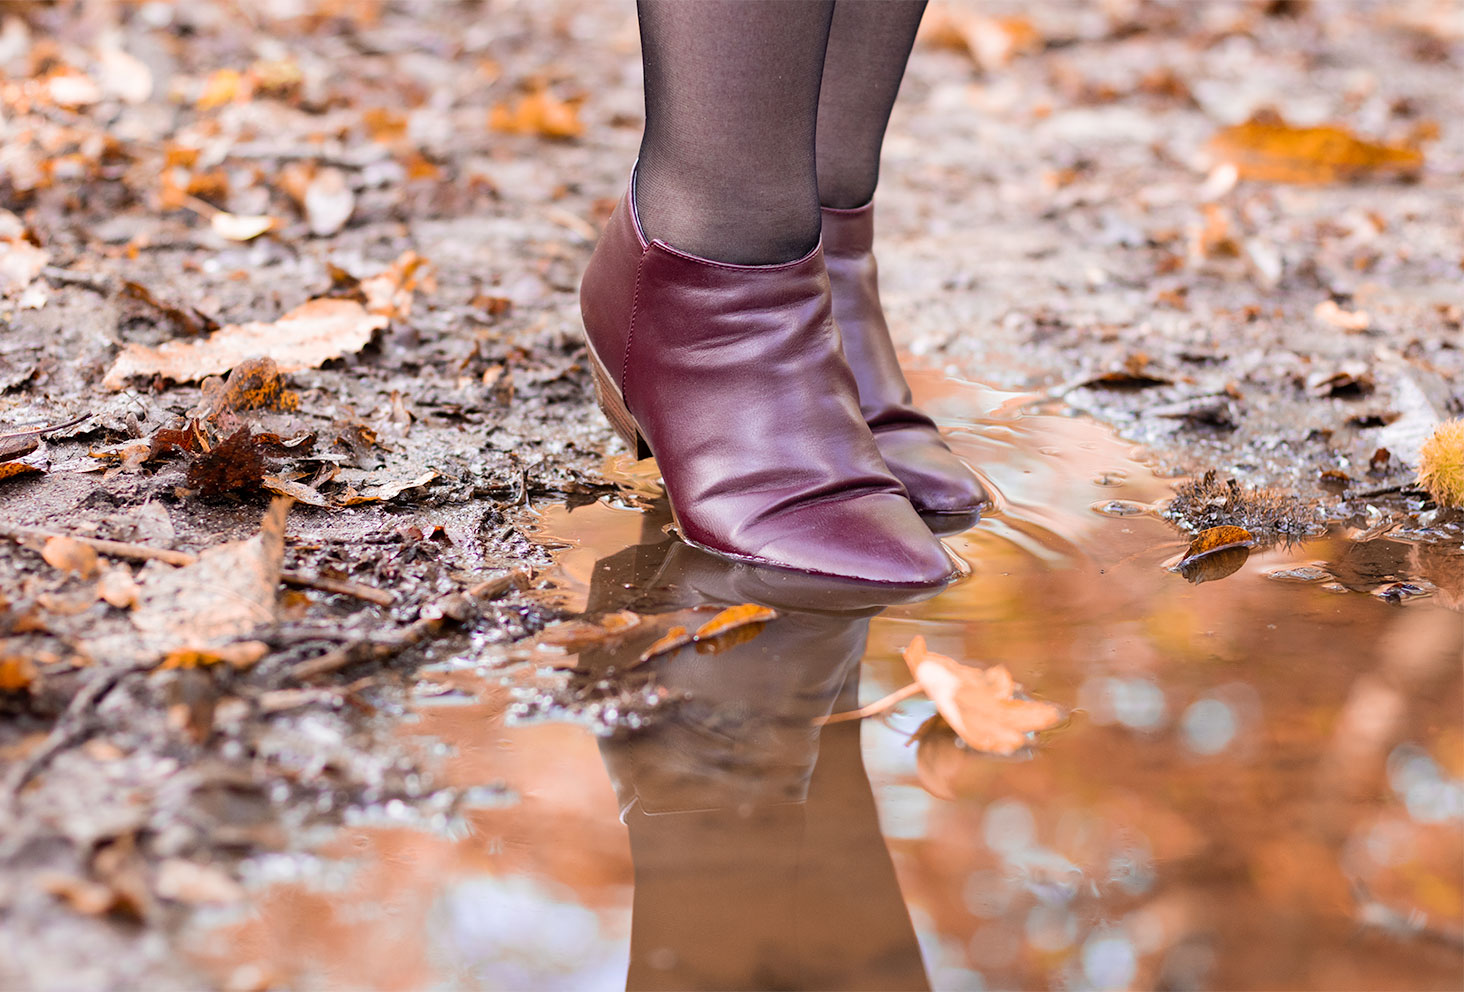 Des bottines plates bordeaux de La Halle portées dans une flaque au milieu de la forêt, le reflet dans l'eau